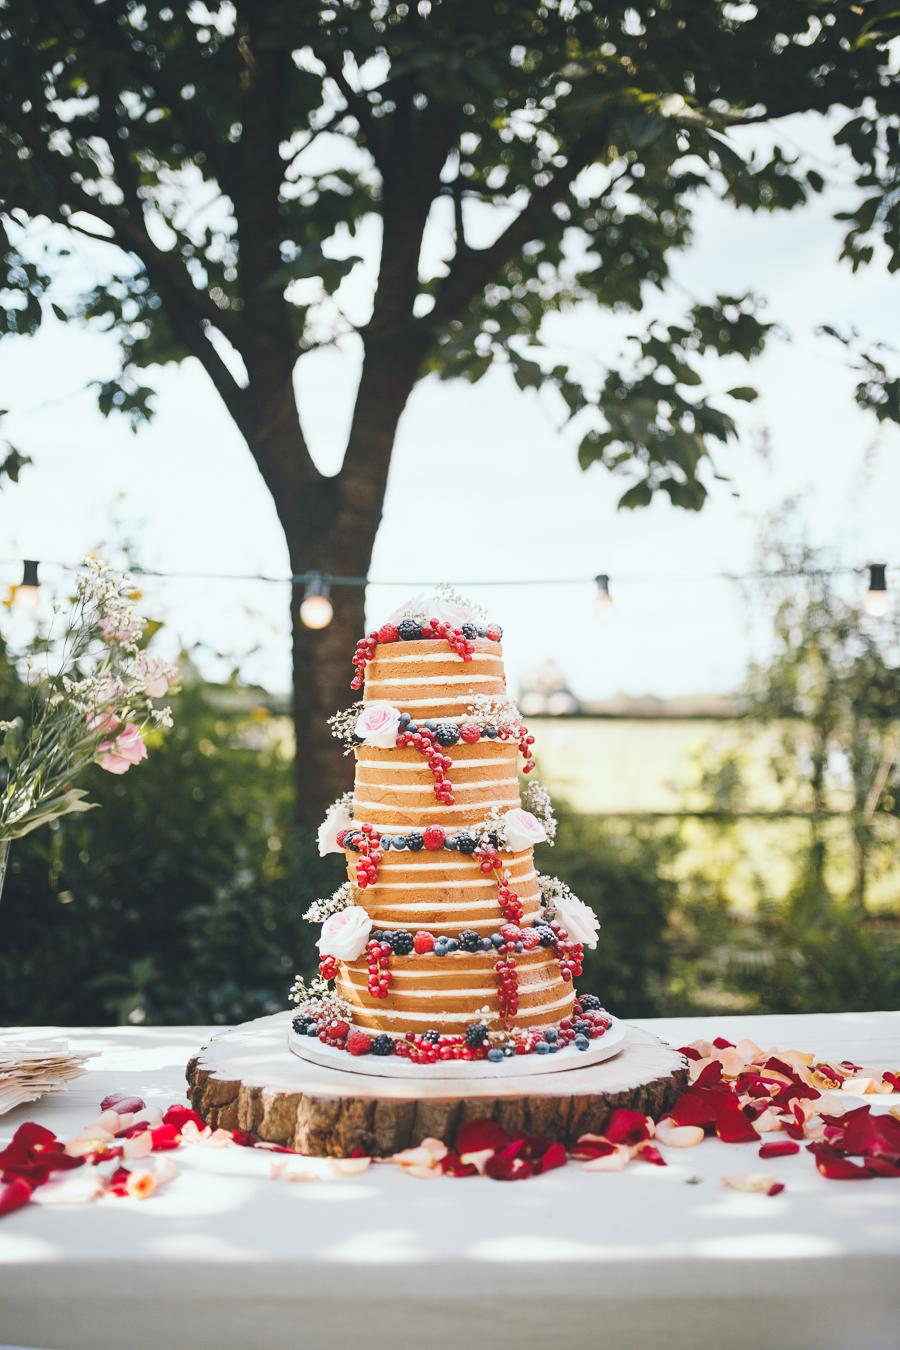 Bruidstaart met vier lagen en rozen en rood fruit staat op een boomstam op een tafel in de achtertuin tijdens bruiloft thuis op erf van oude boerderij trouwfotograaf Apeldoorn